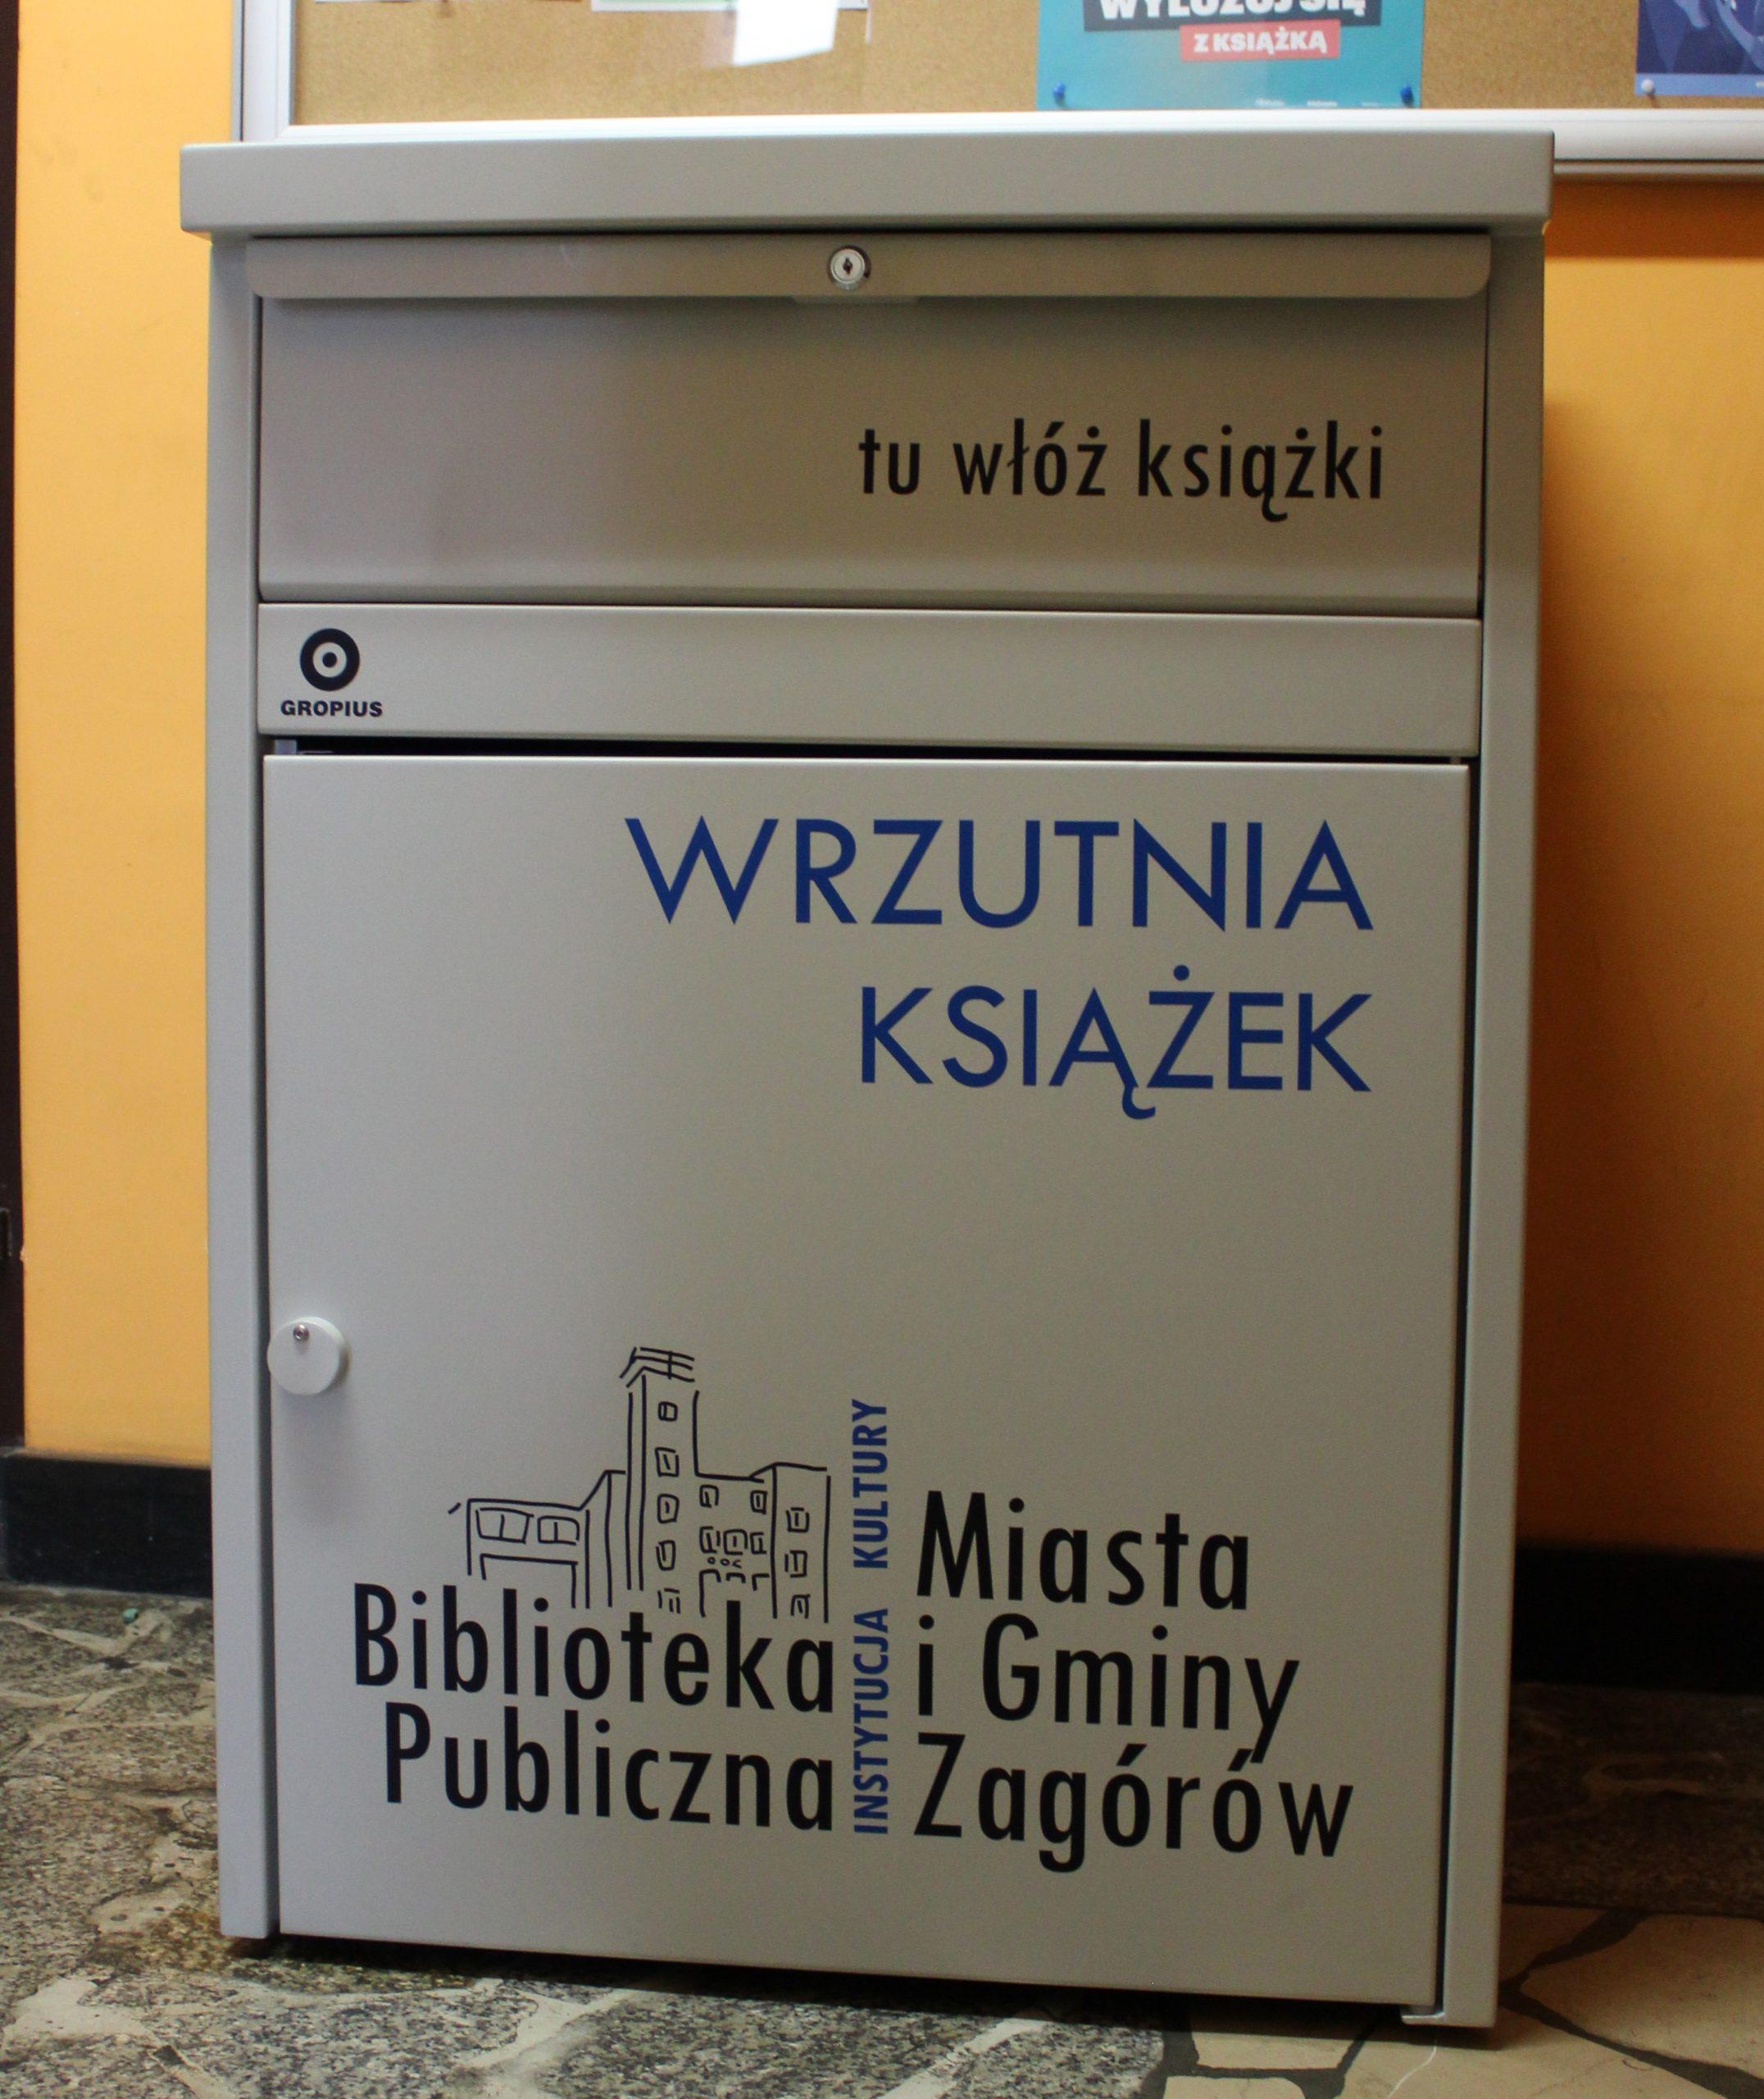 """Na zdjęciu wrzutnia do książek, stojąca przed drzwiami wejściowymi do biblioteki. Pojemnik szary, z naklejonym logo i napisem: wrzutnia książek. Szuflada wrzutni oznaczona jest napisem : """"tu włóż książki""""."""